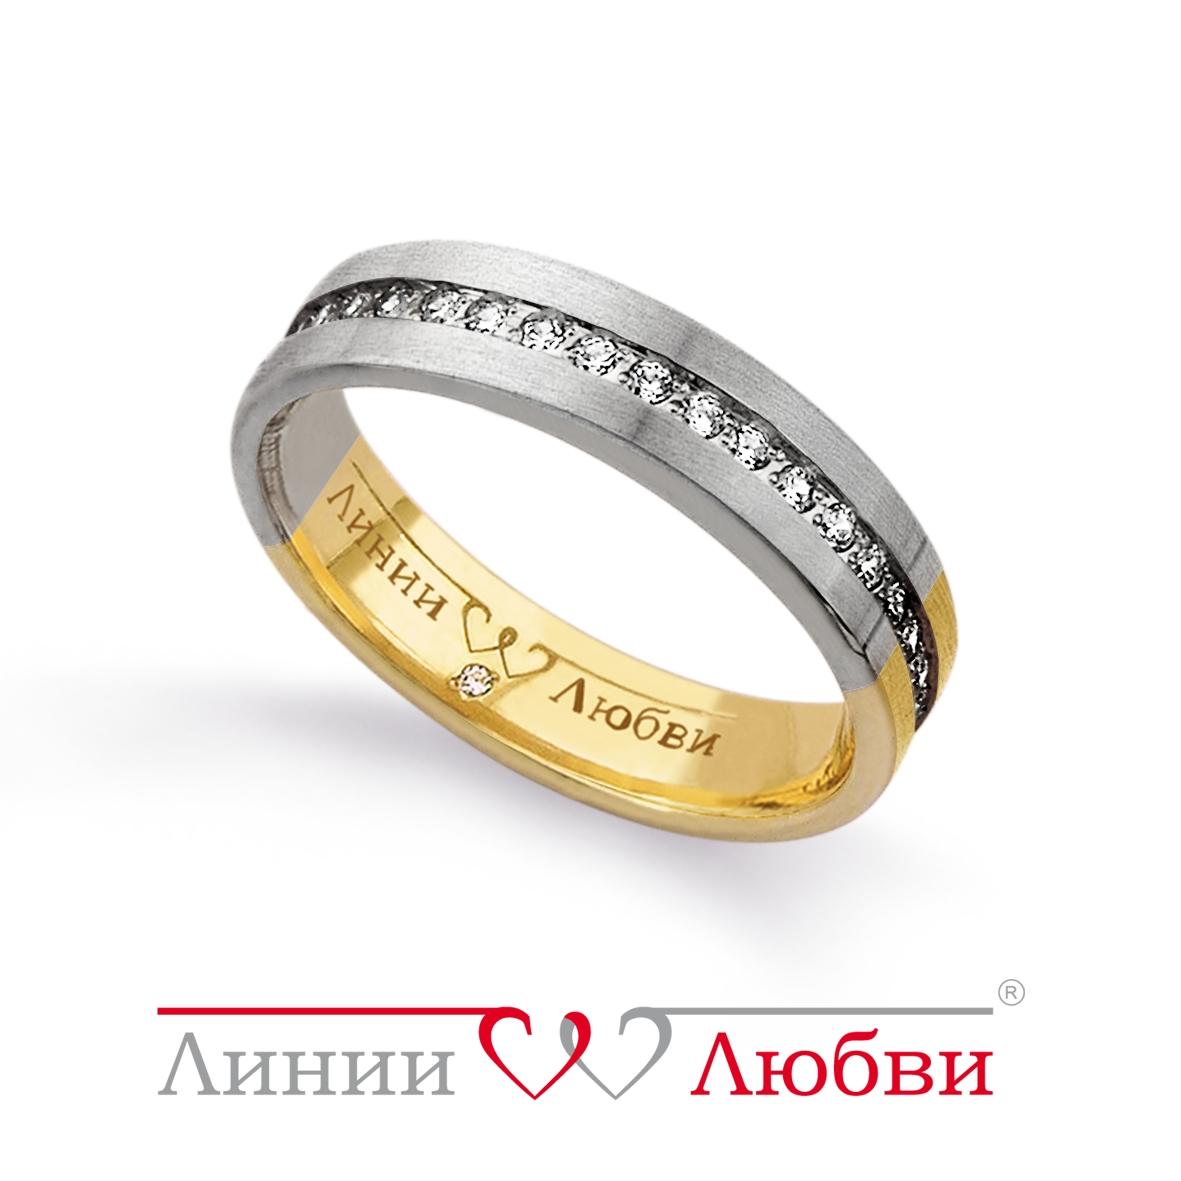 Обручальное кольцо с бриллиантами Линии ЛюбвиКольцо<br>Кольцо обручальное из золота 585 пробы с белыми бриллиантами (арт. Л41151009). Размер 16,5.<br><br>Articule: Л41151009<br>Тип: Кольцо<br>Пол: Унисекс<br>Материал: золото золото<br>Вес изделия г: 4.7<br>Вставка: белые бриллианты<br>Размеры: 21, 20, 19, 18, 17, 16, 15